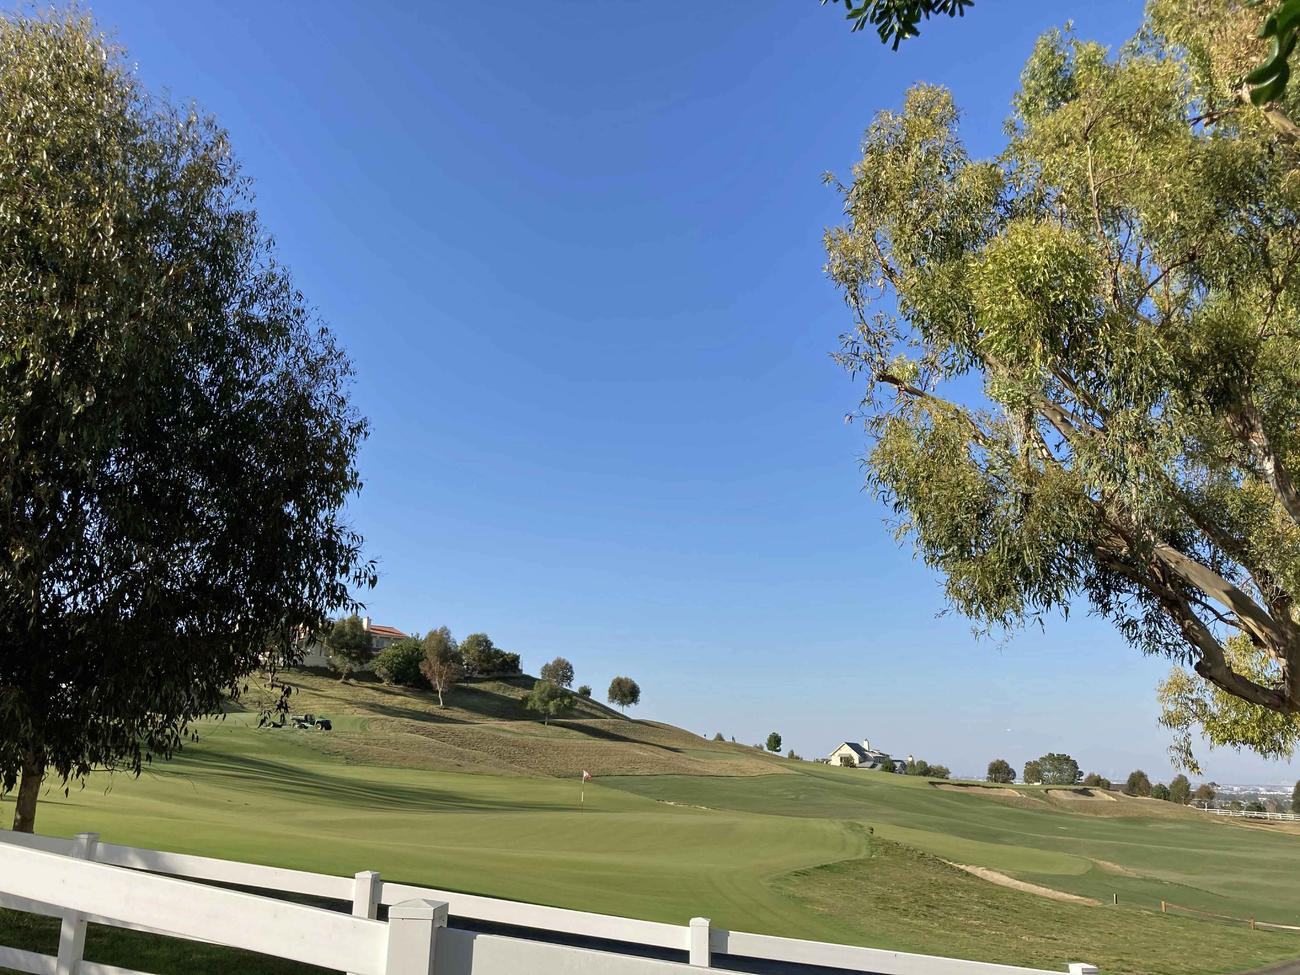 当日、ウッズが撮影のために向かっていたゴルフ場